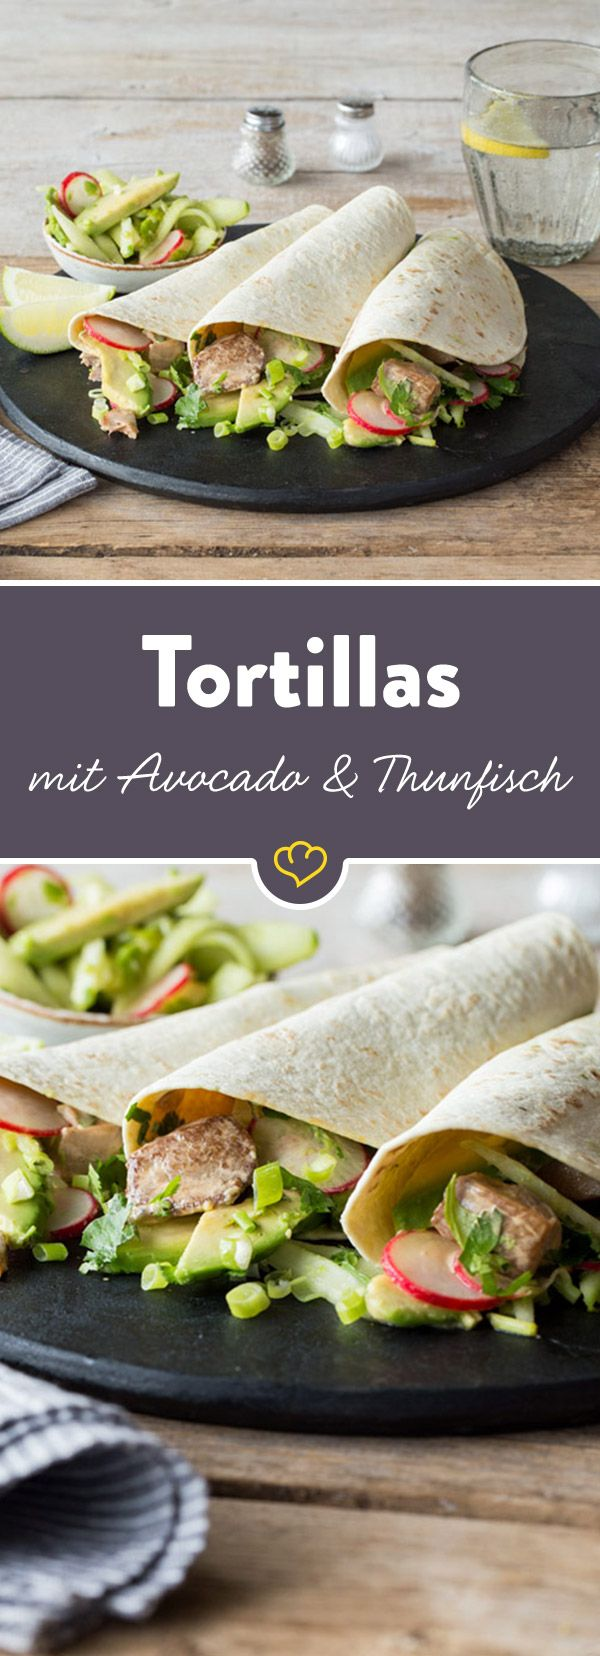 Die aufgerollten Tortilla-Wraps mit knackig-cremiger Füllung aus Avocado, Gurke plus fein gewürztem Thunfisch will man gar nicht aus der Hand geben.